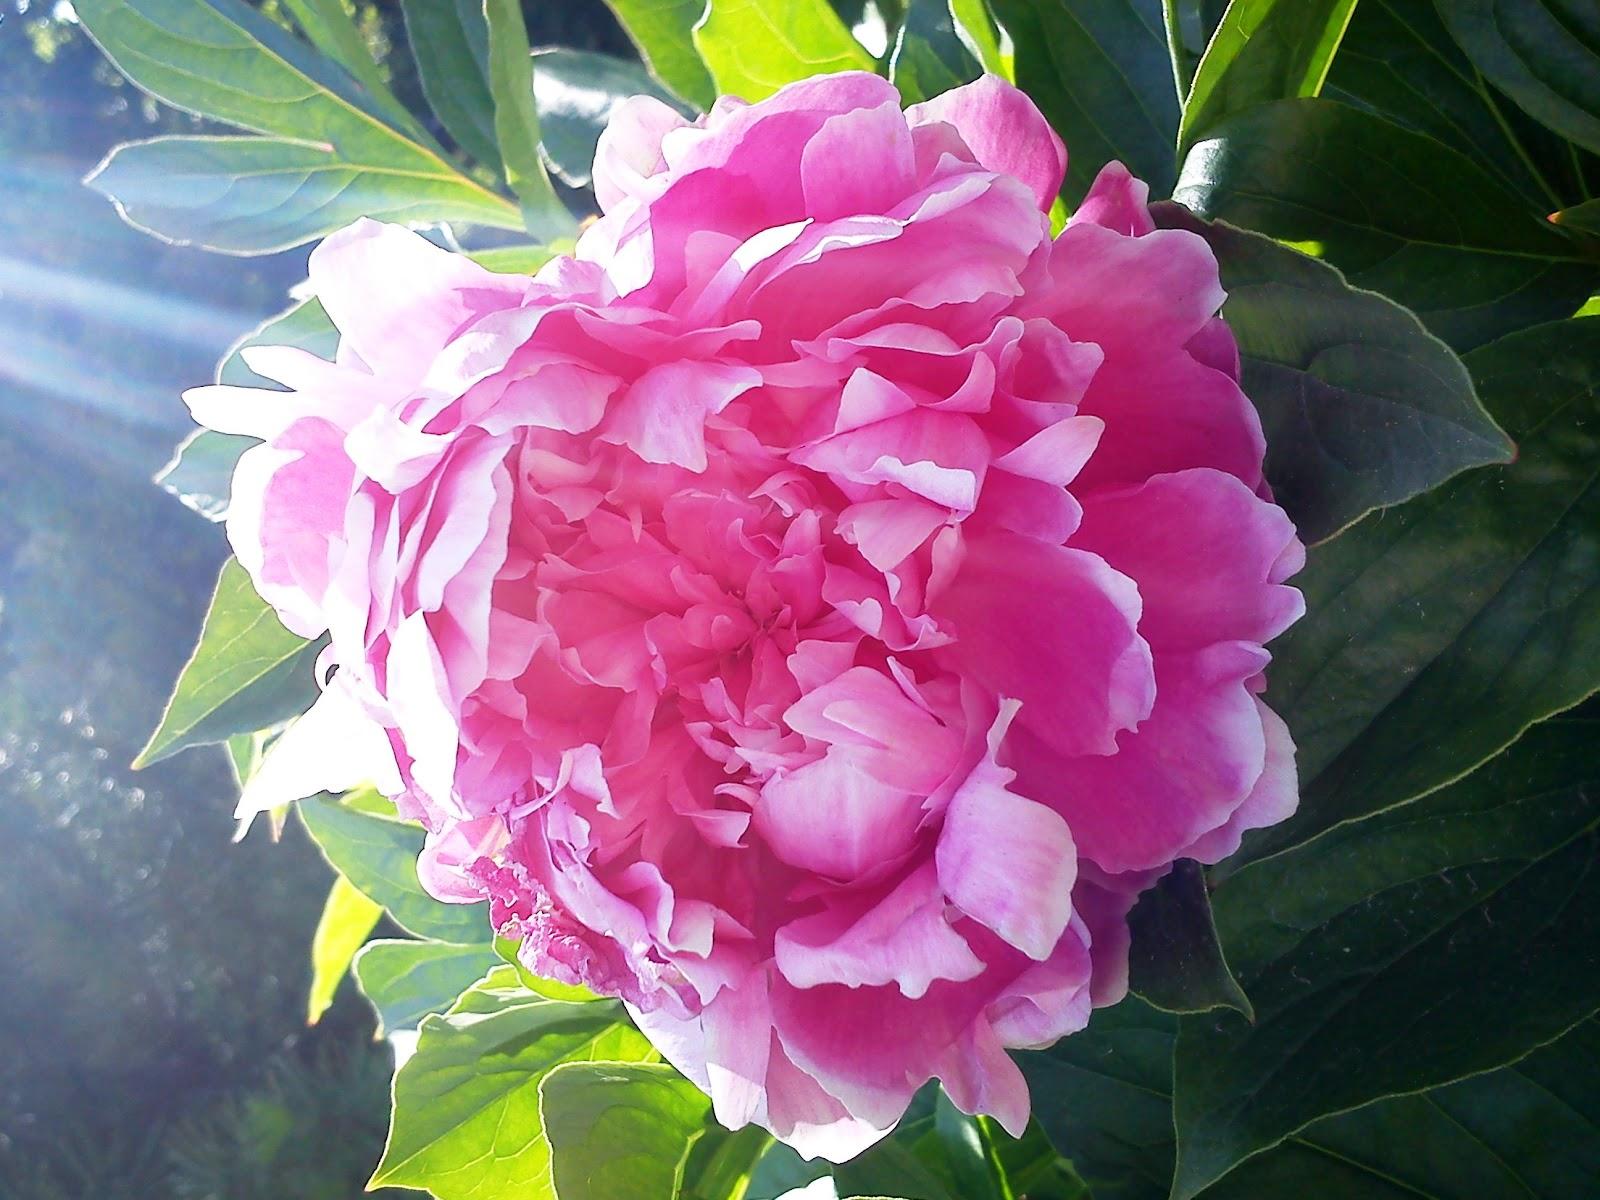 questa è una Peonia, ho cercato un bel fiore per voi dans fiori e piante peonia1